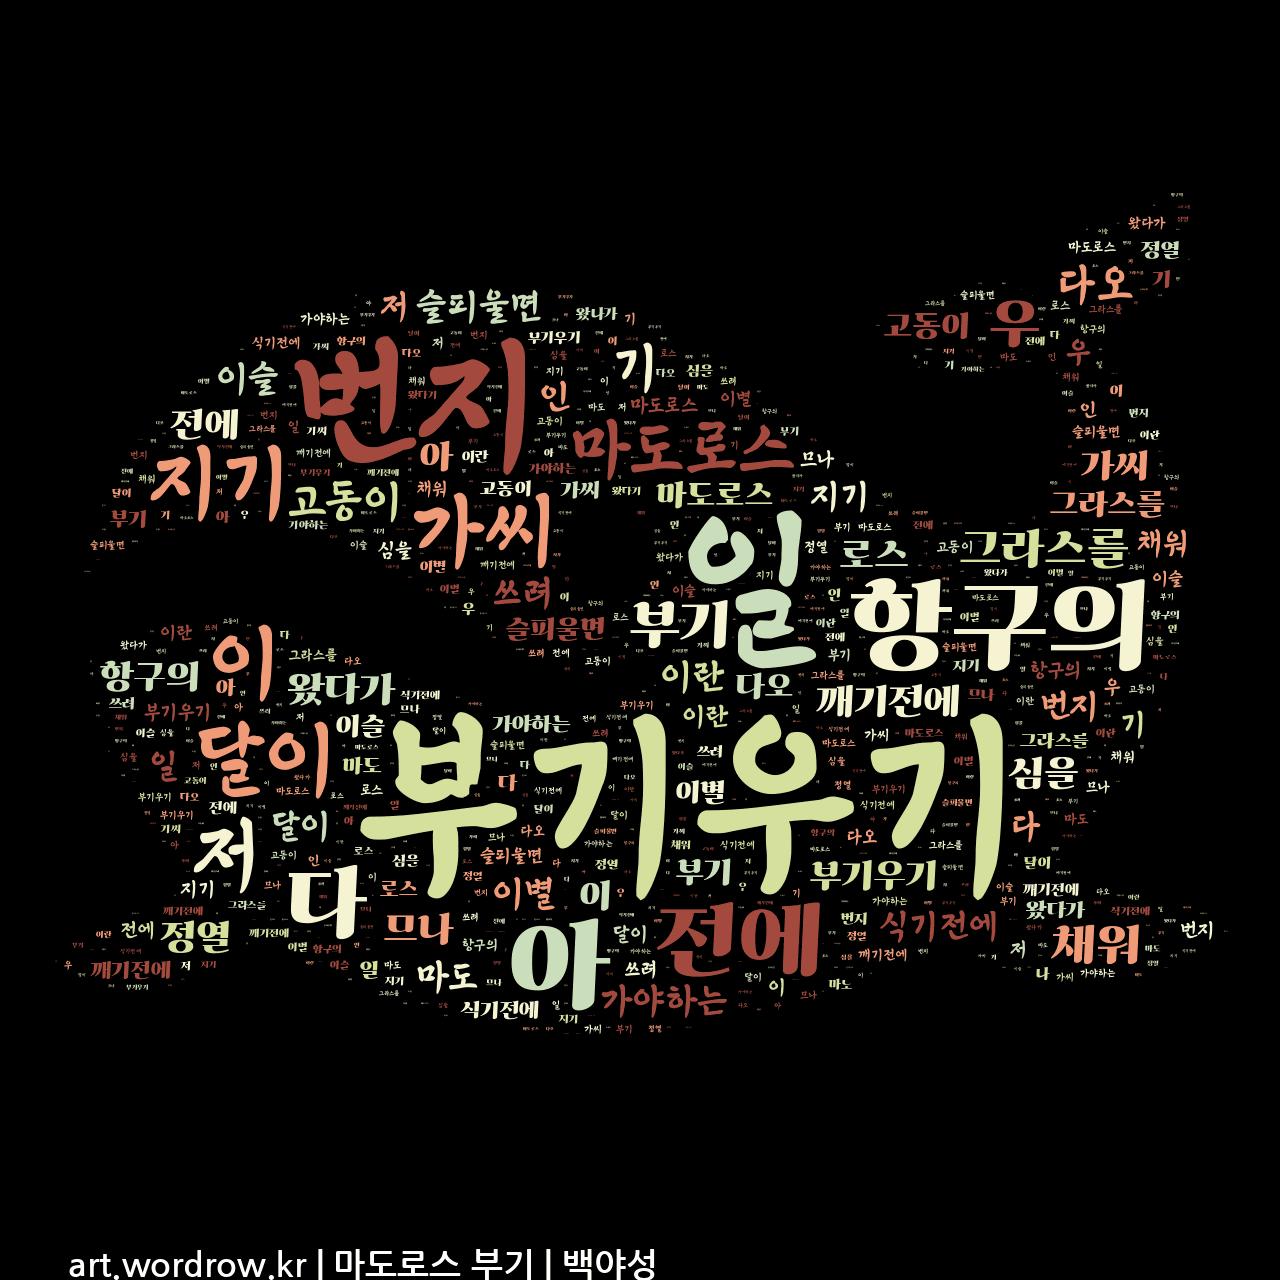 워드 클라우드: 마도로스 부기 [백야성]-36